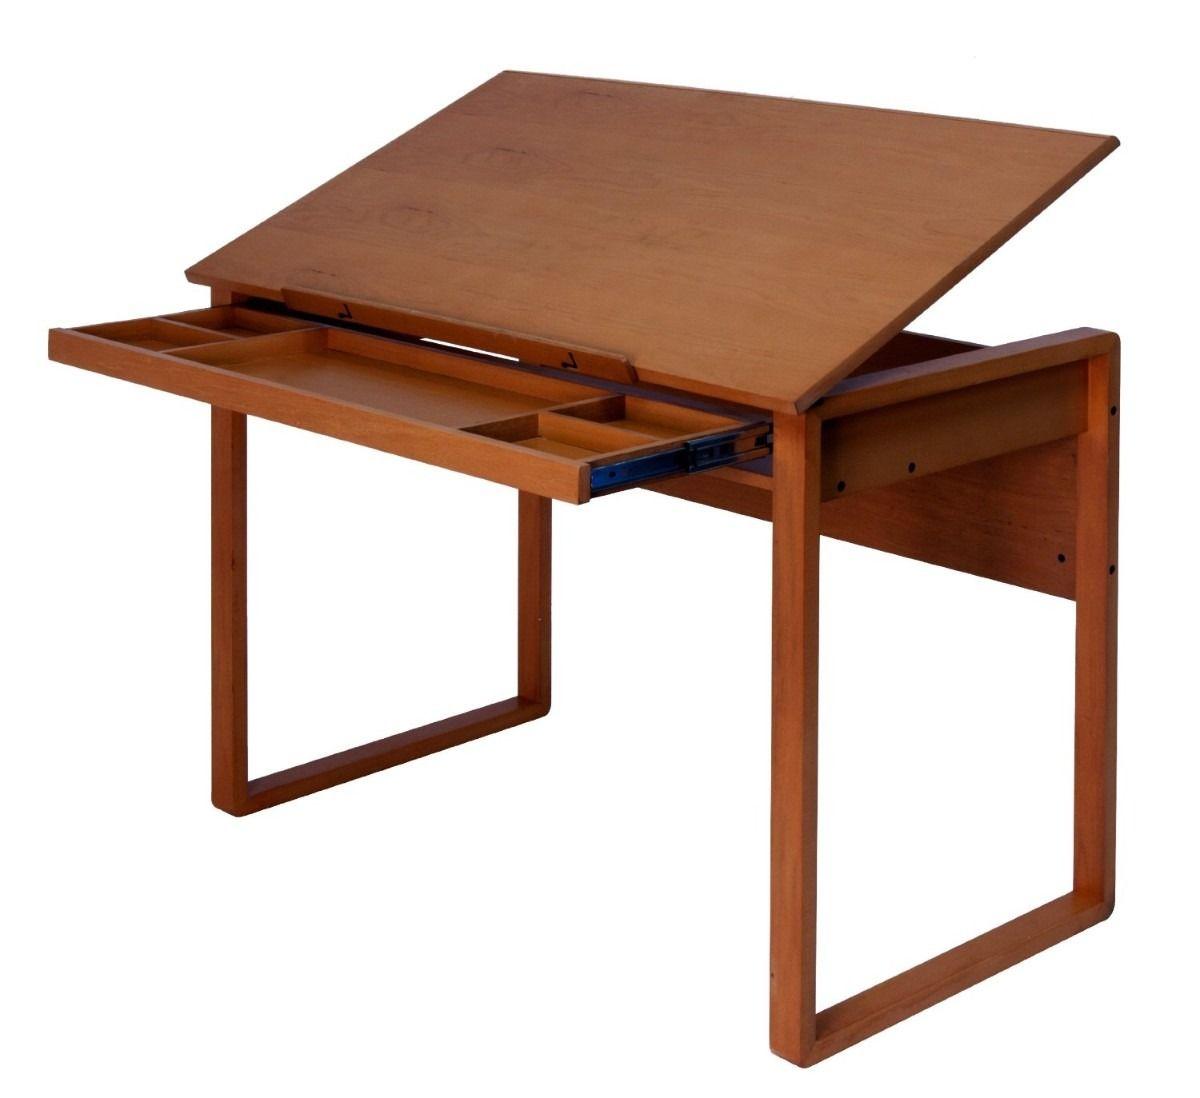 Tabla mesa de trabajo dibujo de madera restirador pm0 - Mesas dibujo tecnico ...